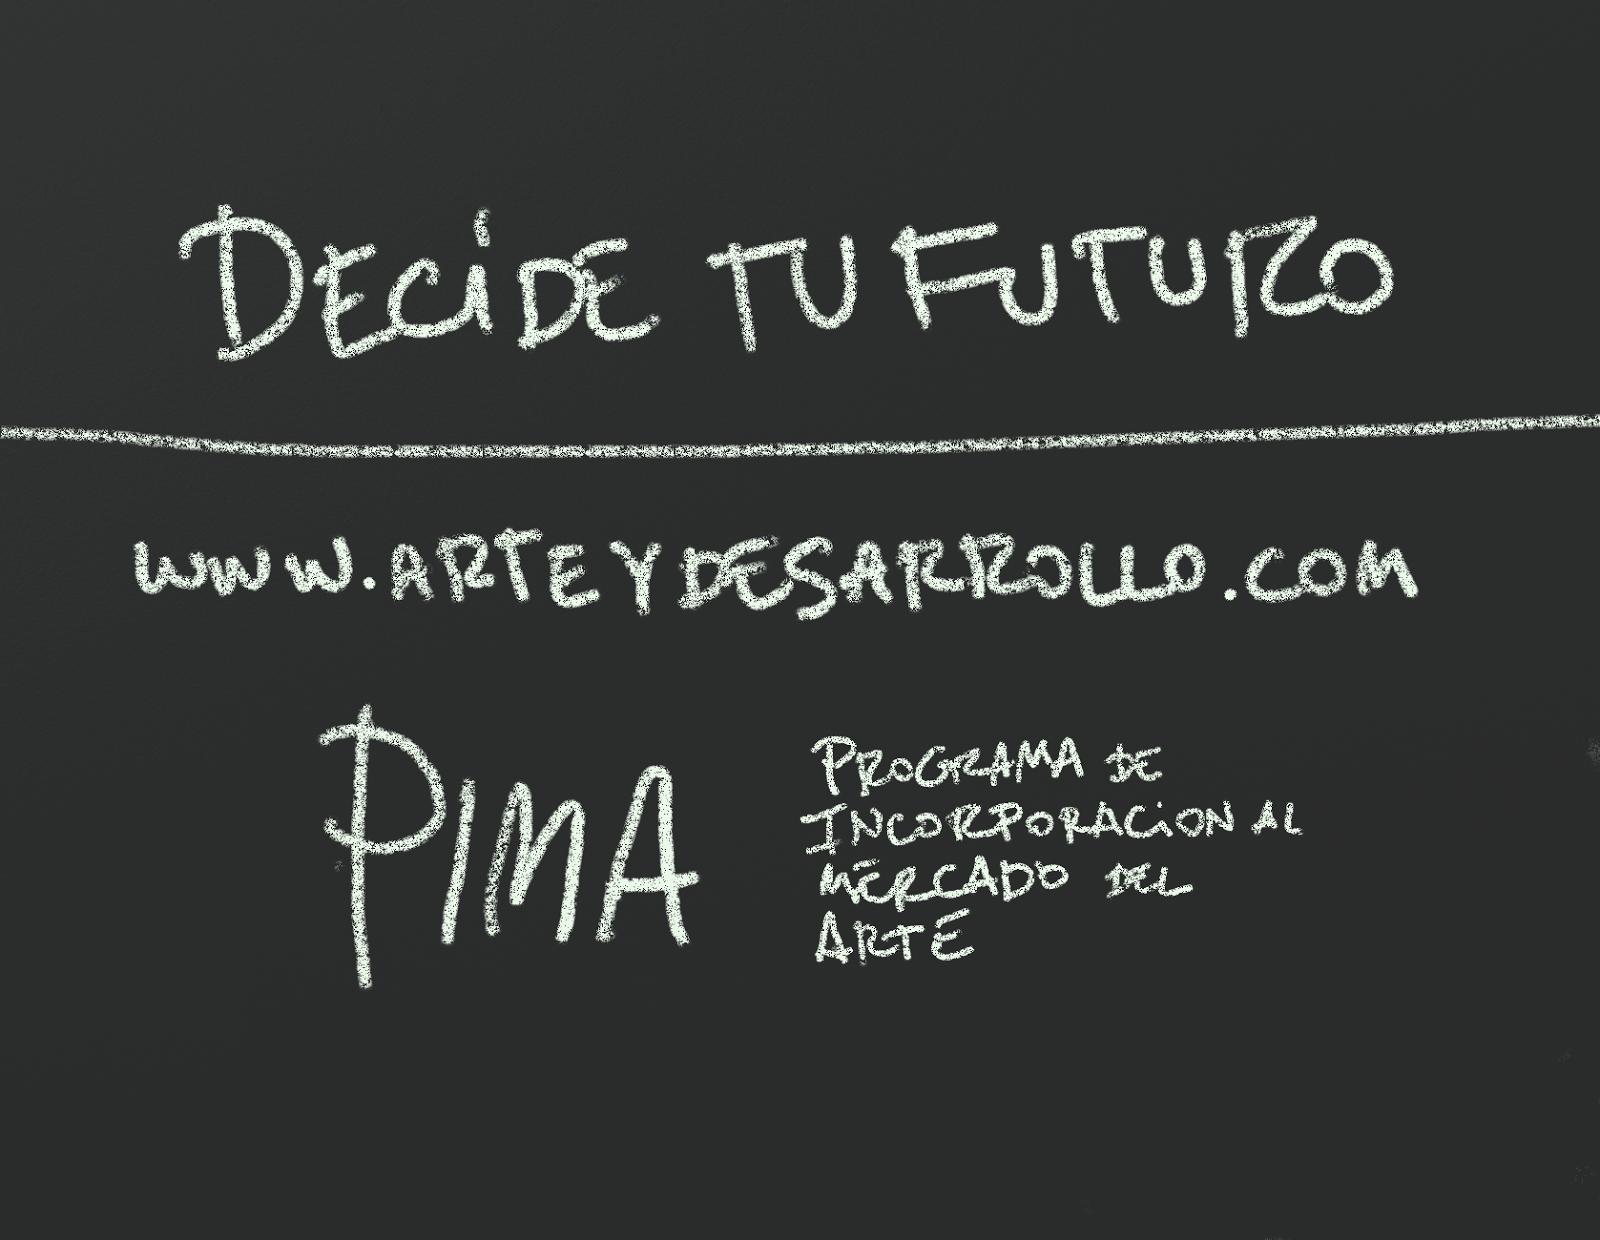 http://incorporacionalmercadodelarte.blogspot.com.es/p/matricula.html